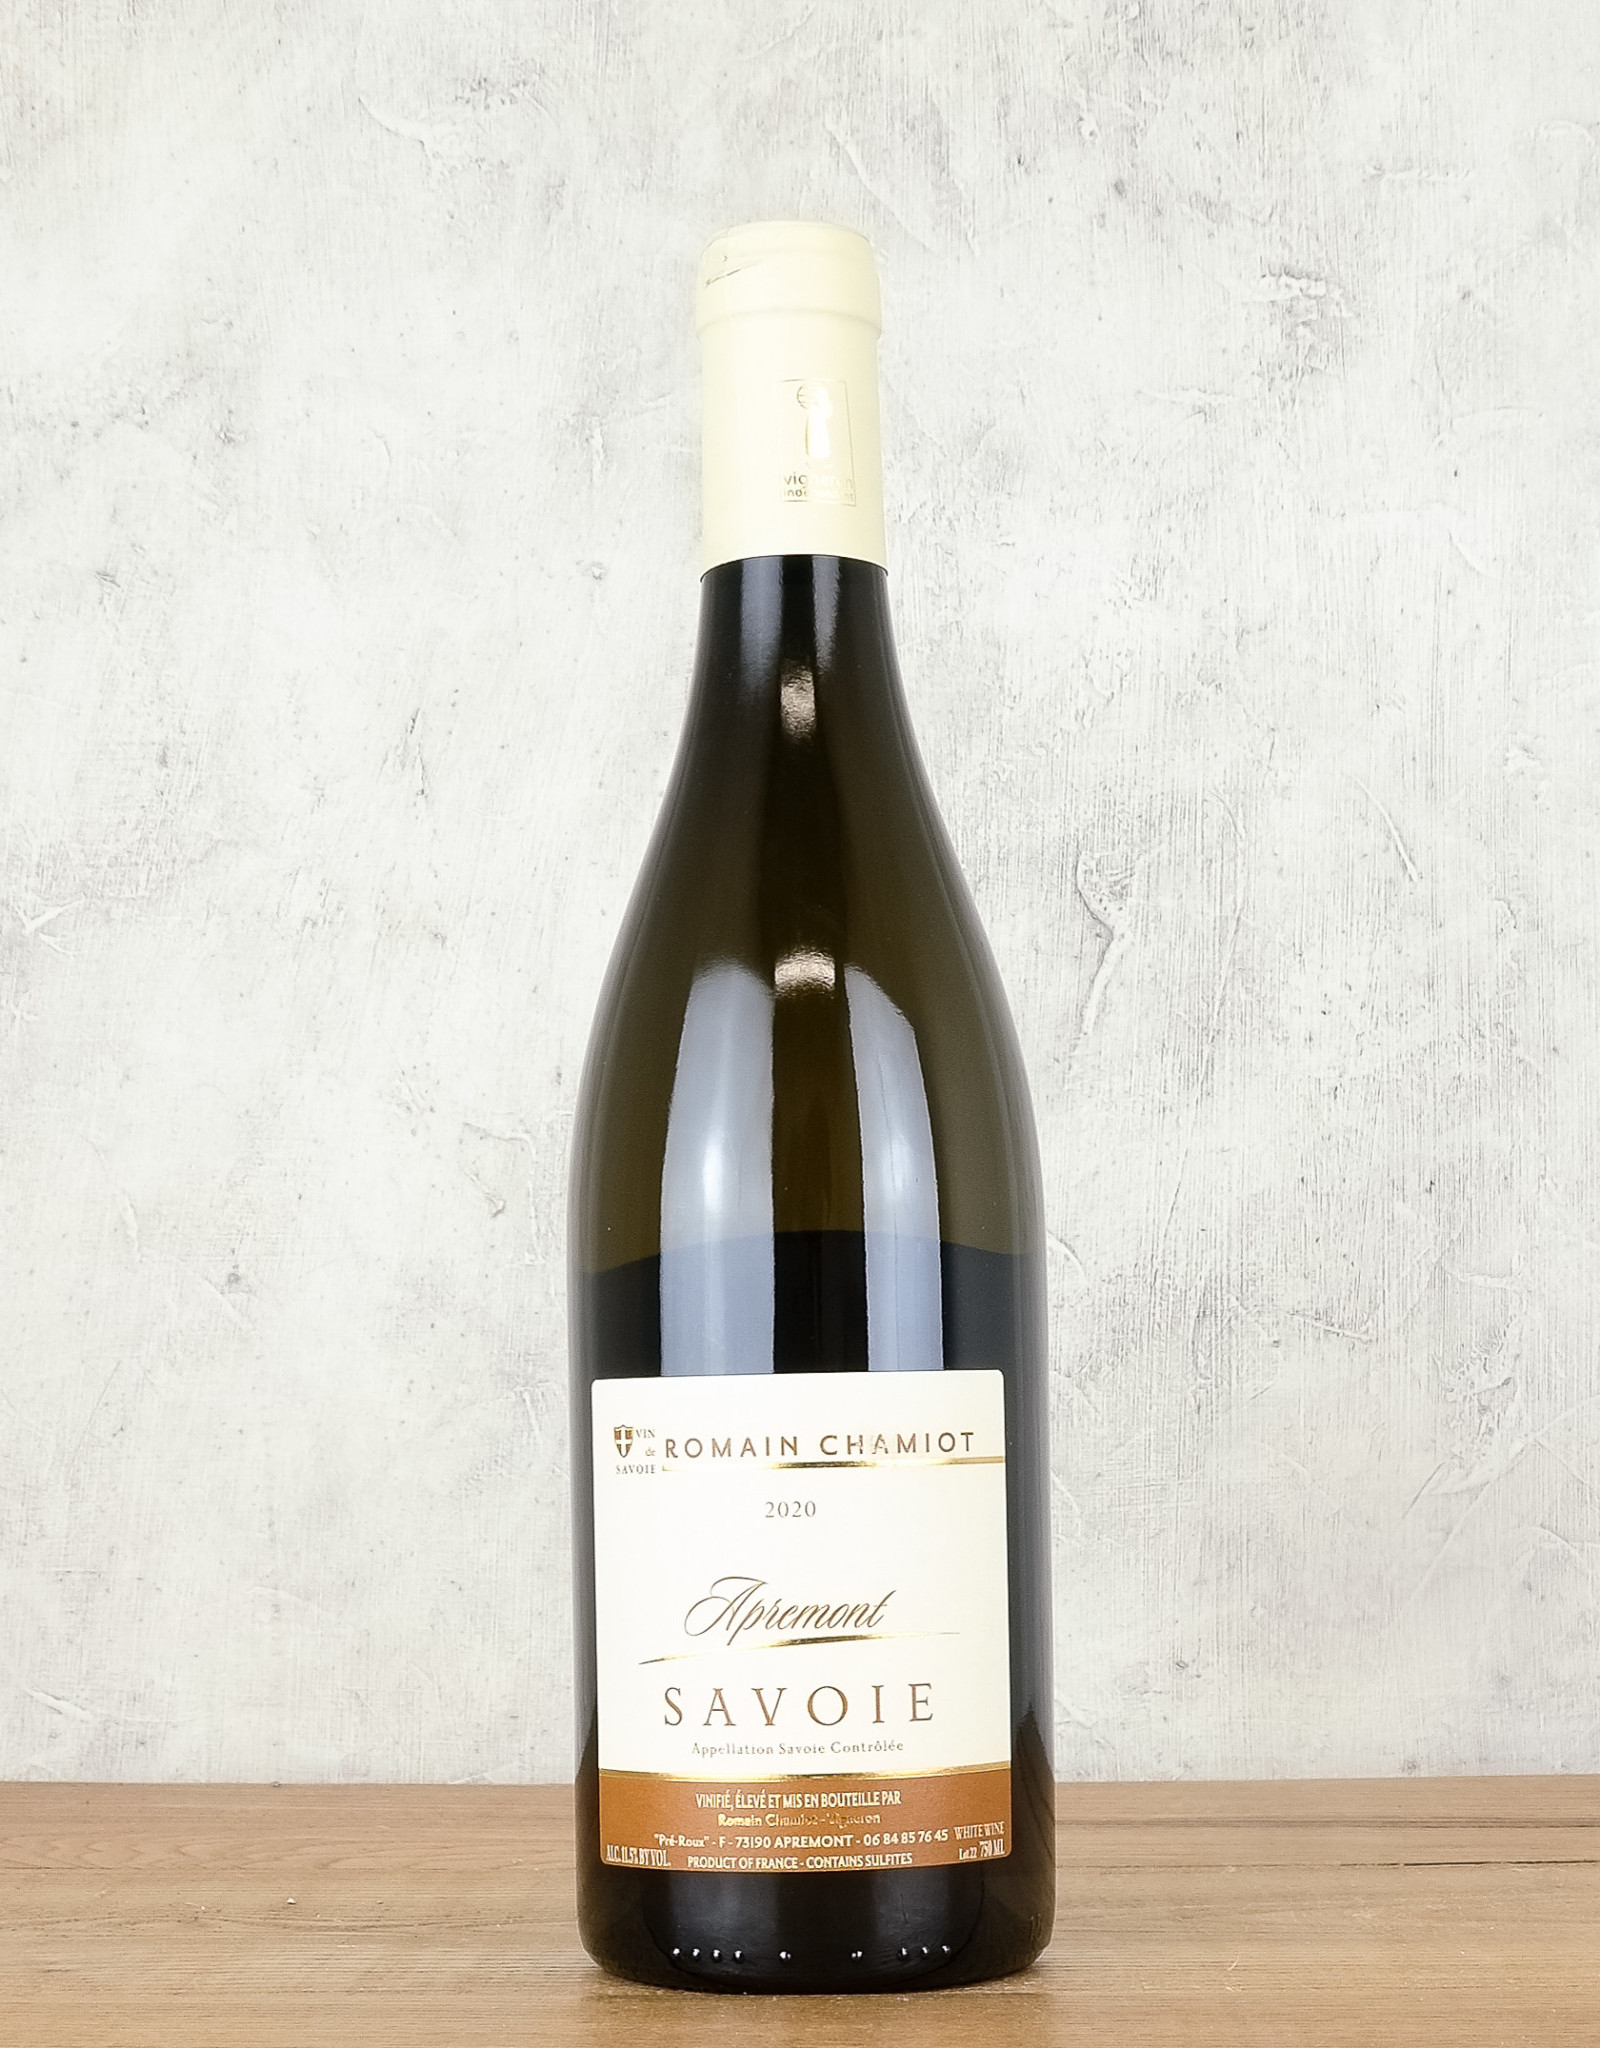 Chamiot Apremont Savoie